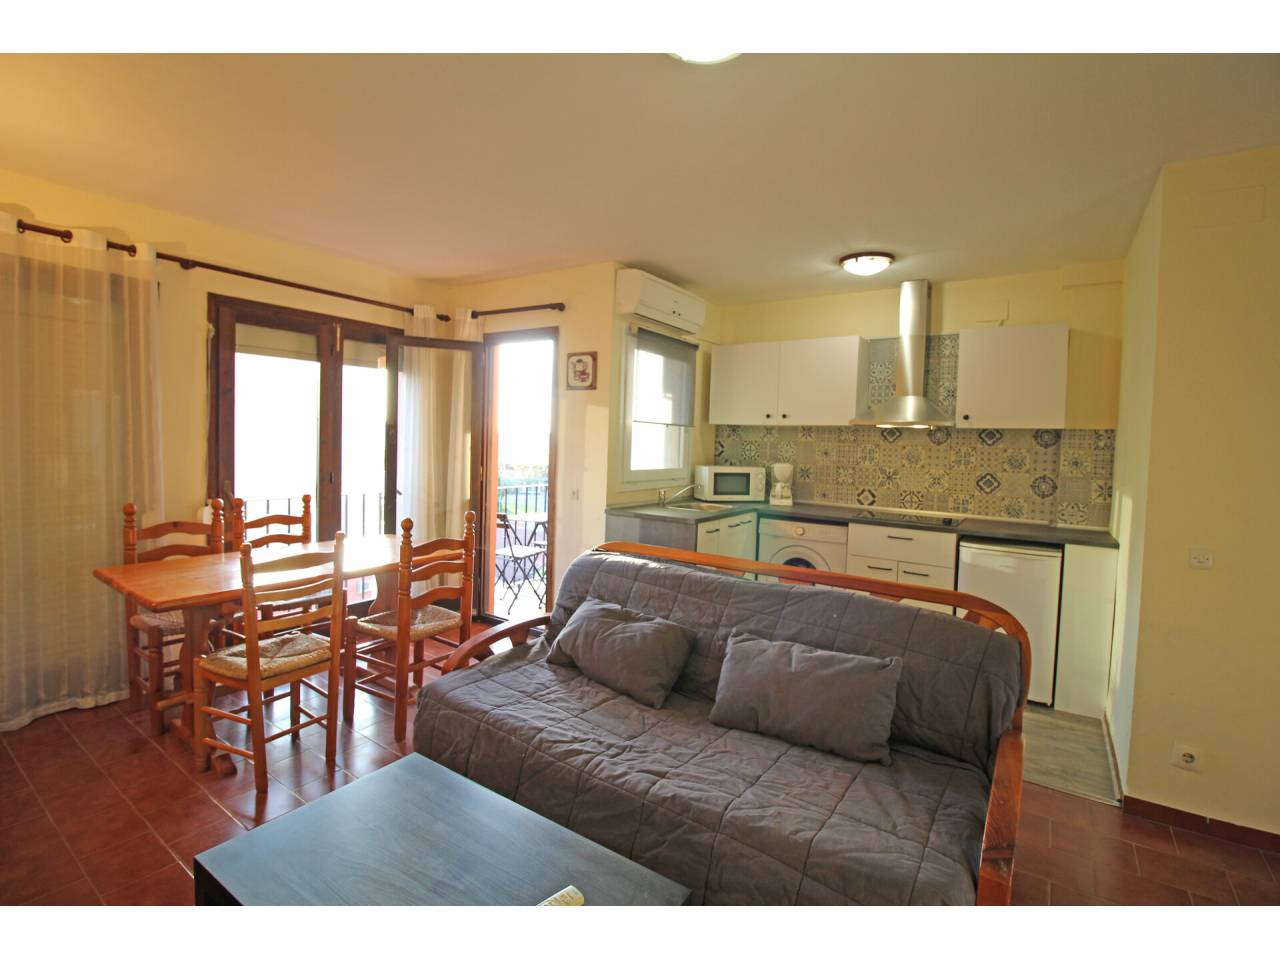 008004 - Квартира аренда недвижимости в Empuriabrava